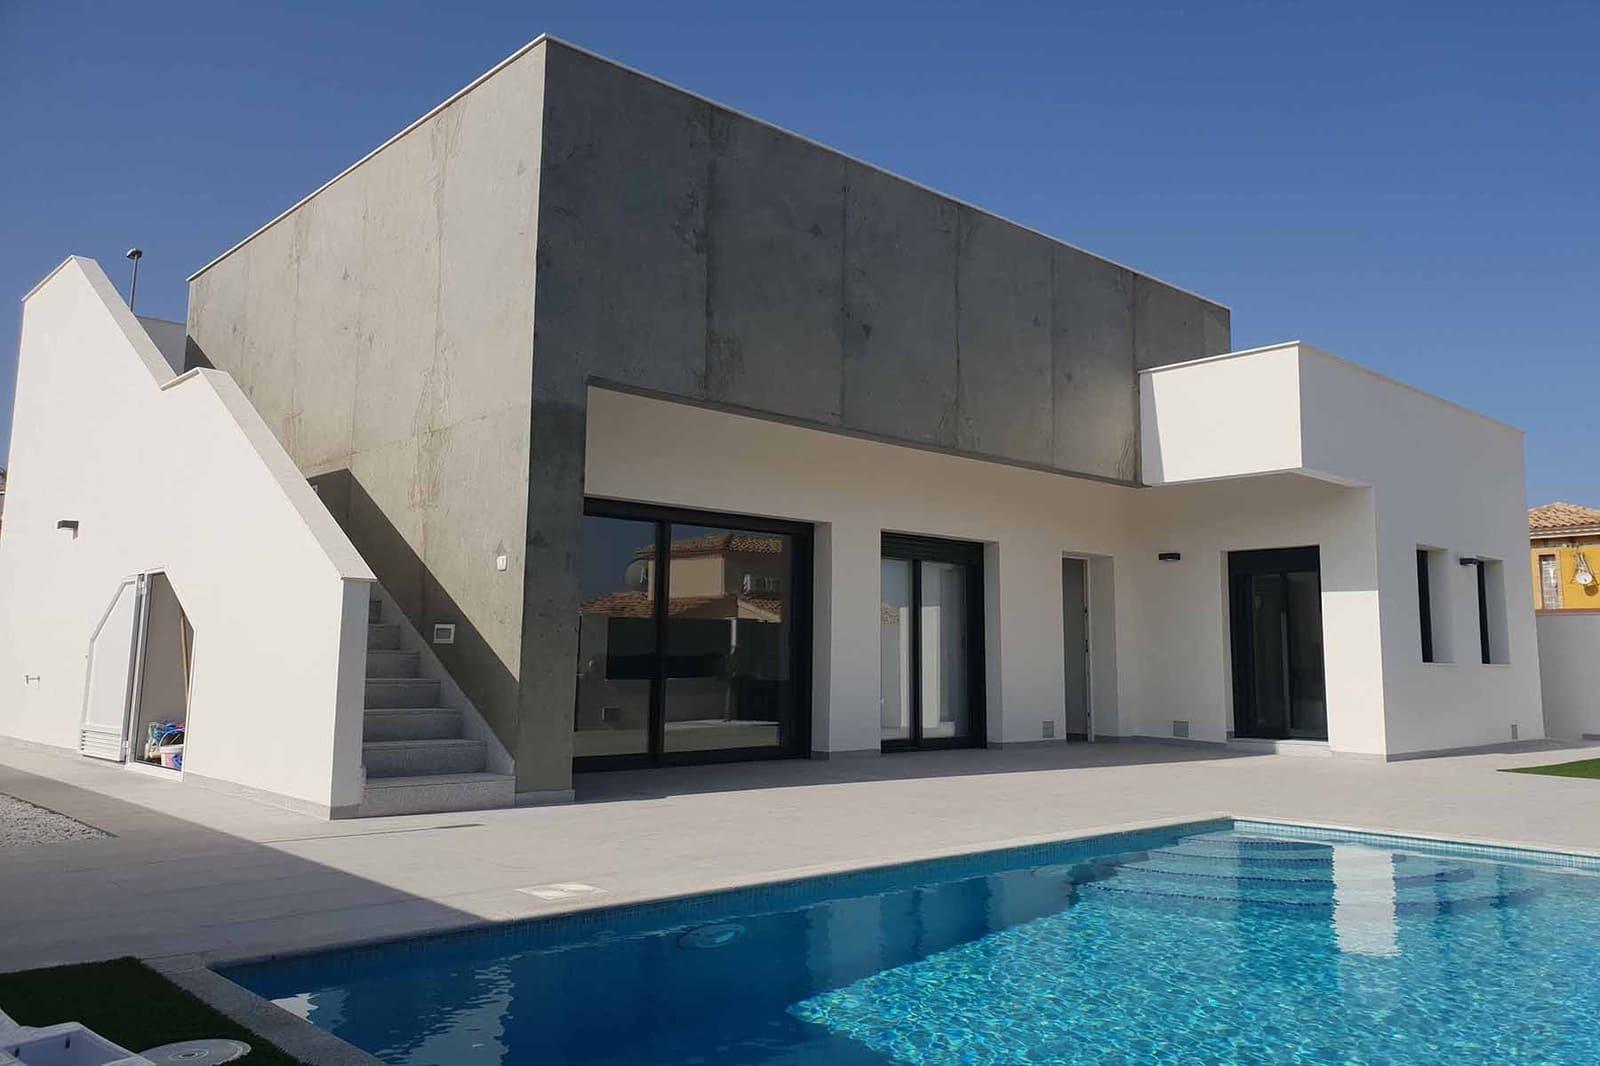 Chalet de 3 habitaciones en Pilar de la Horadada en venta con piscina - 246.990 € (Ref: 4330529)